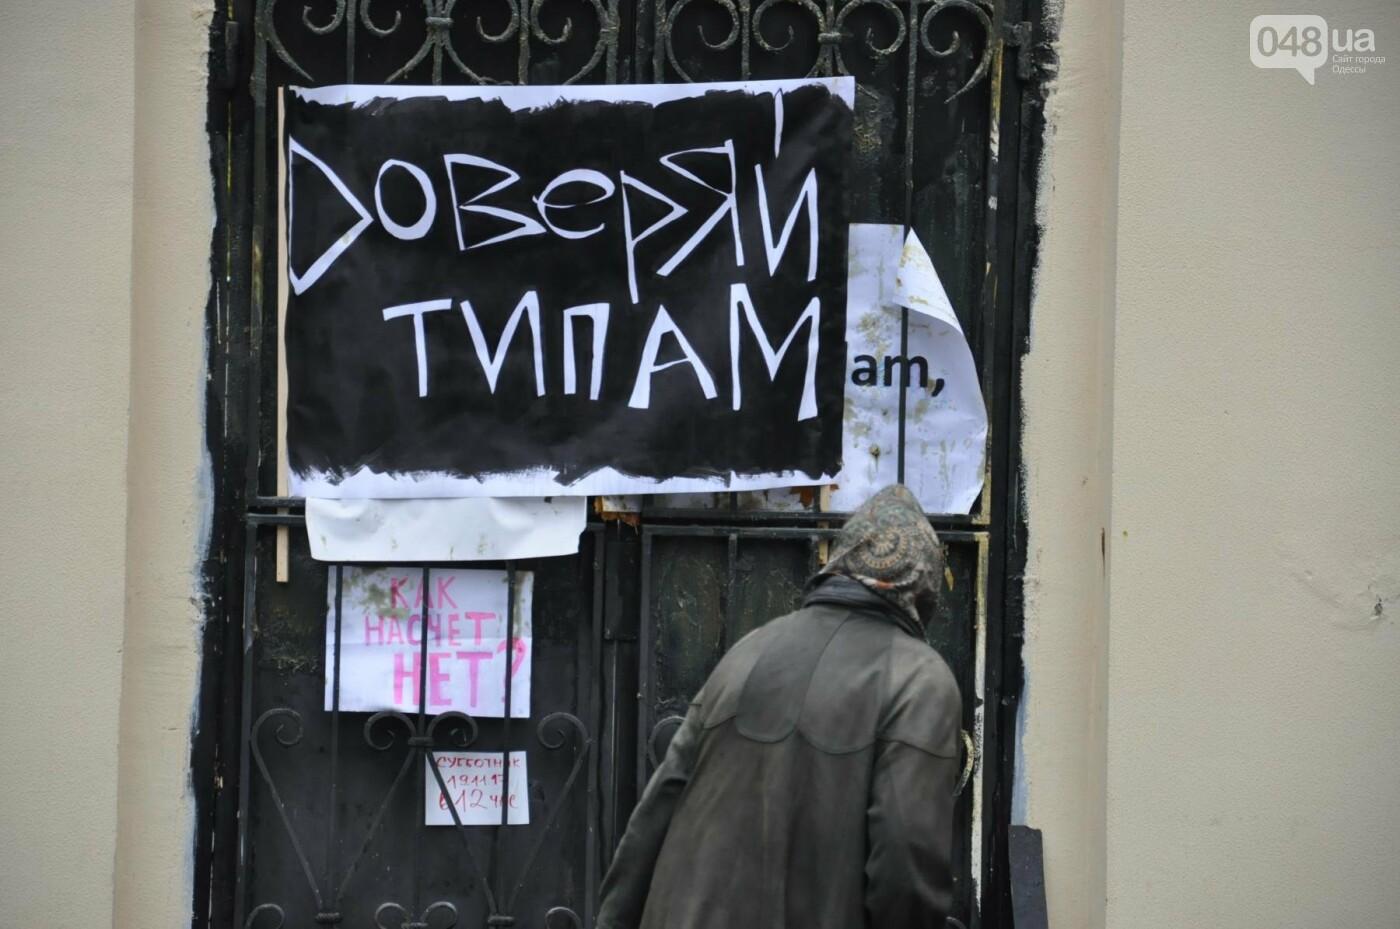 Активисты навели порядок в одесском Летнем театре (ФОТО), фото-1